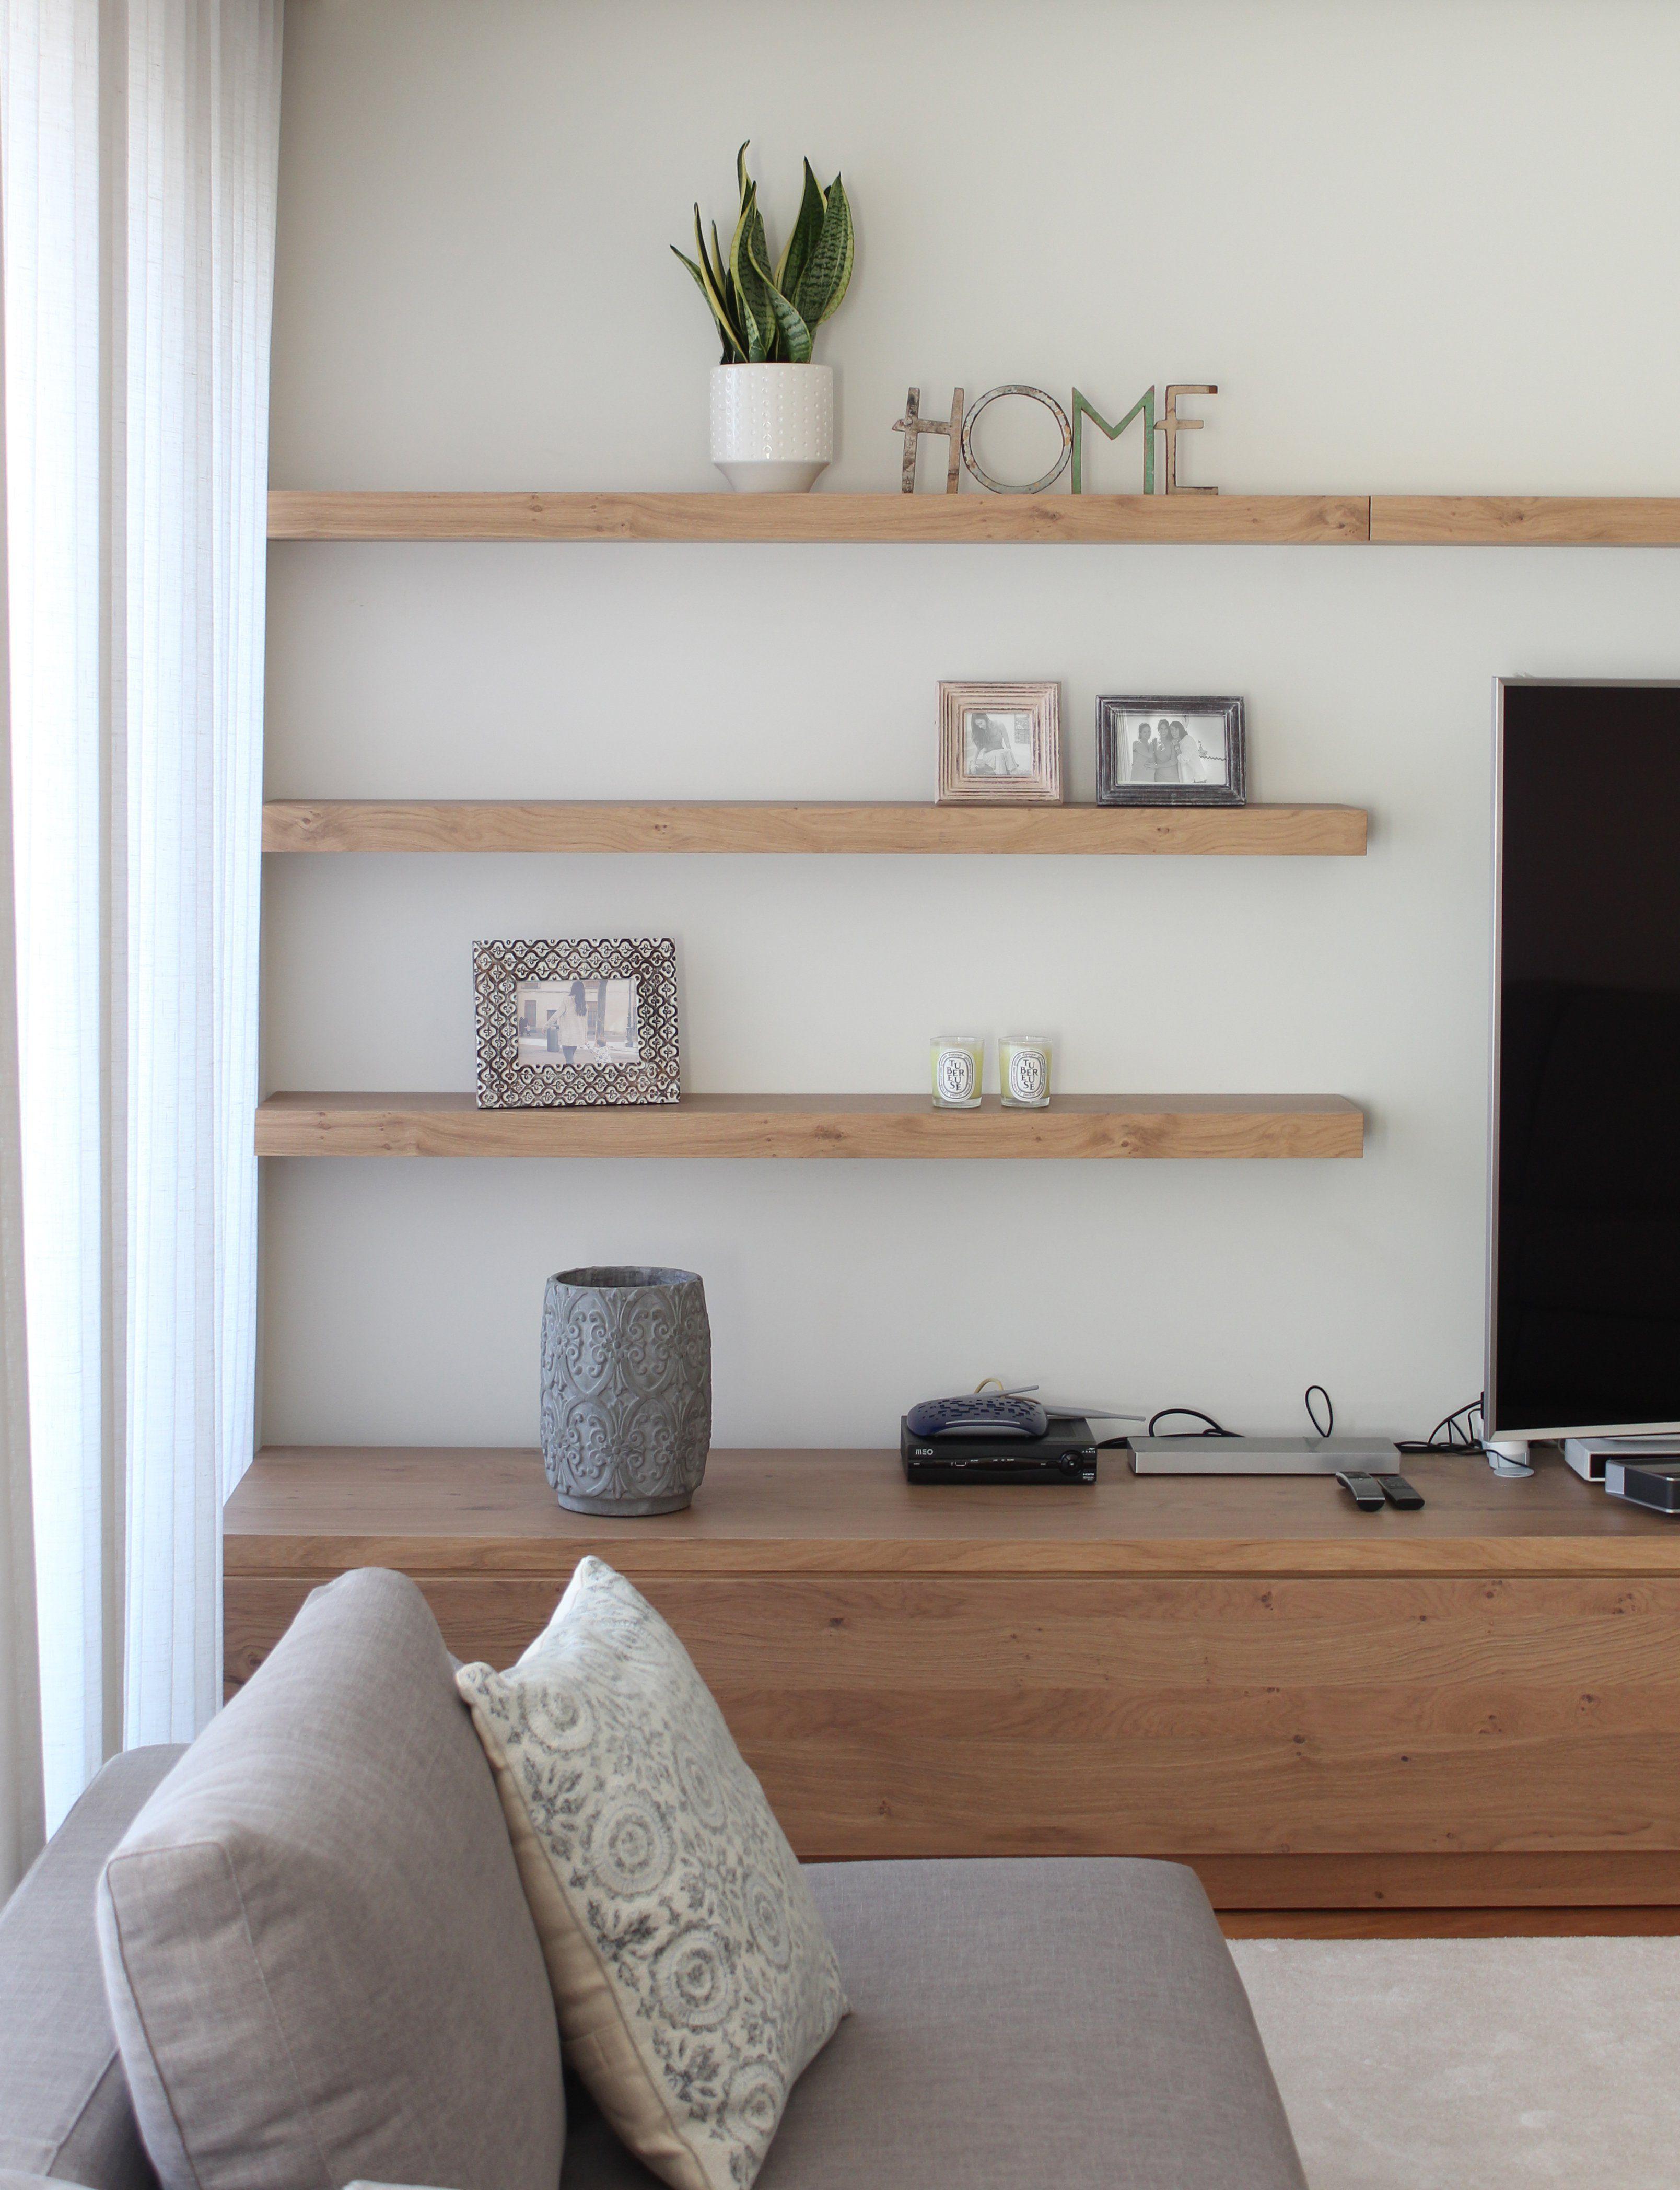 La nueva casa de sara carbonero en oporto con muebles kenay home oporto las nuevas y estanter as Decoracion casa sara carbonero